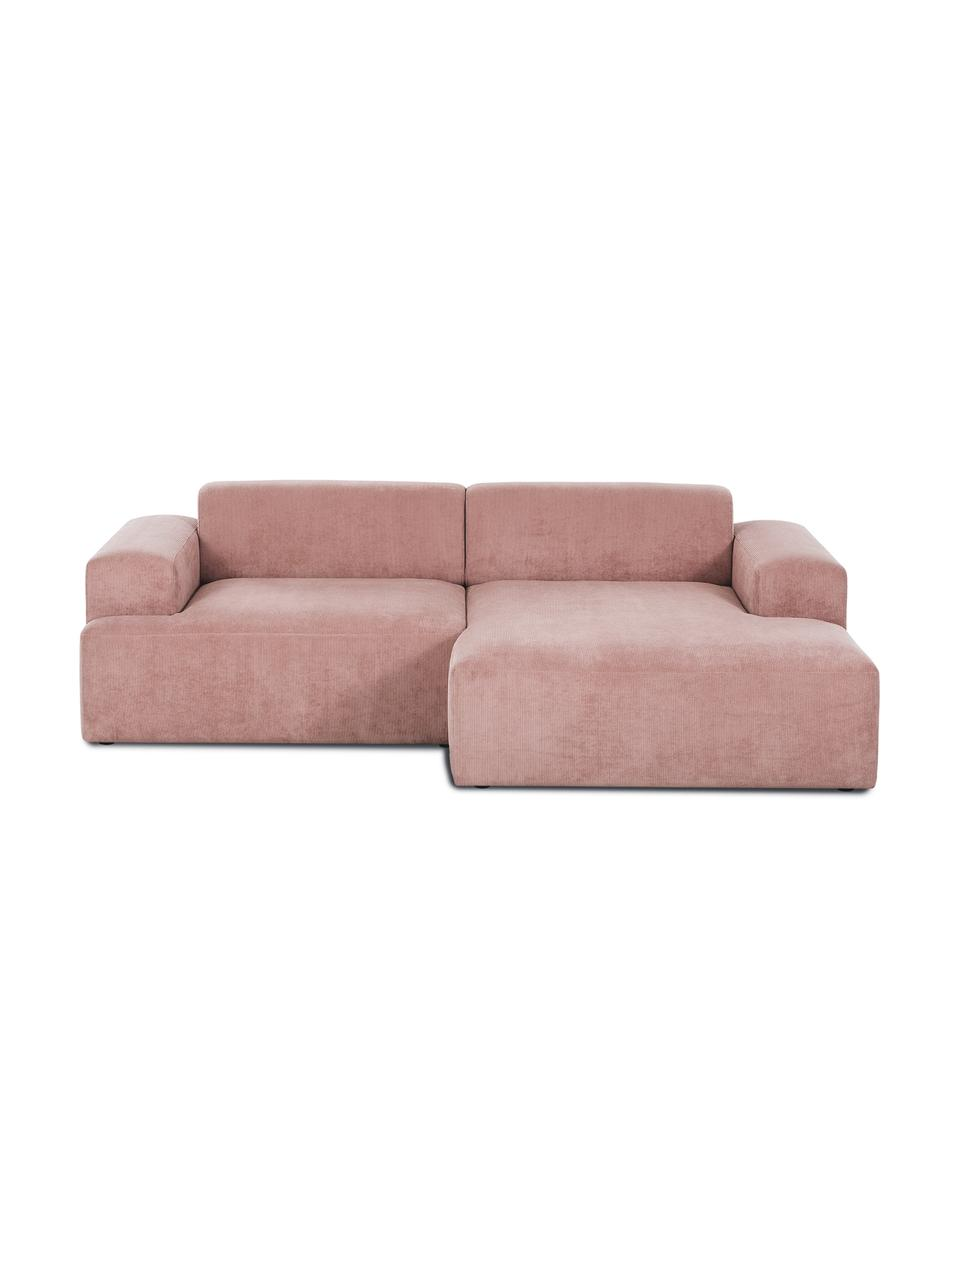 Sofa narożna ze sztruksu Melva (3-osobowa), Tapicerka: sztruks (92% poliester, 8, Nogi: drewno sosnowe Nogi znajd, Sztruks blady różowy, S 240 x G 144 cm